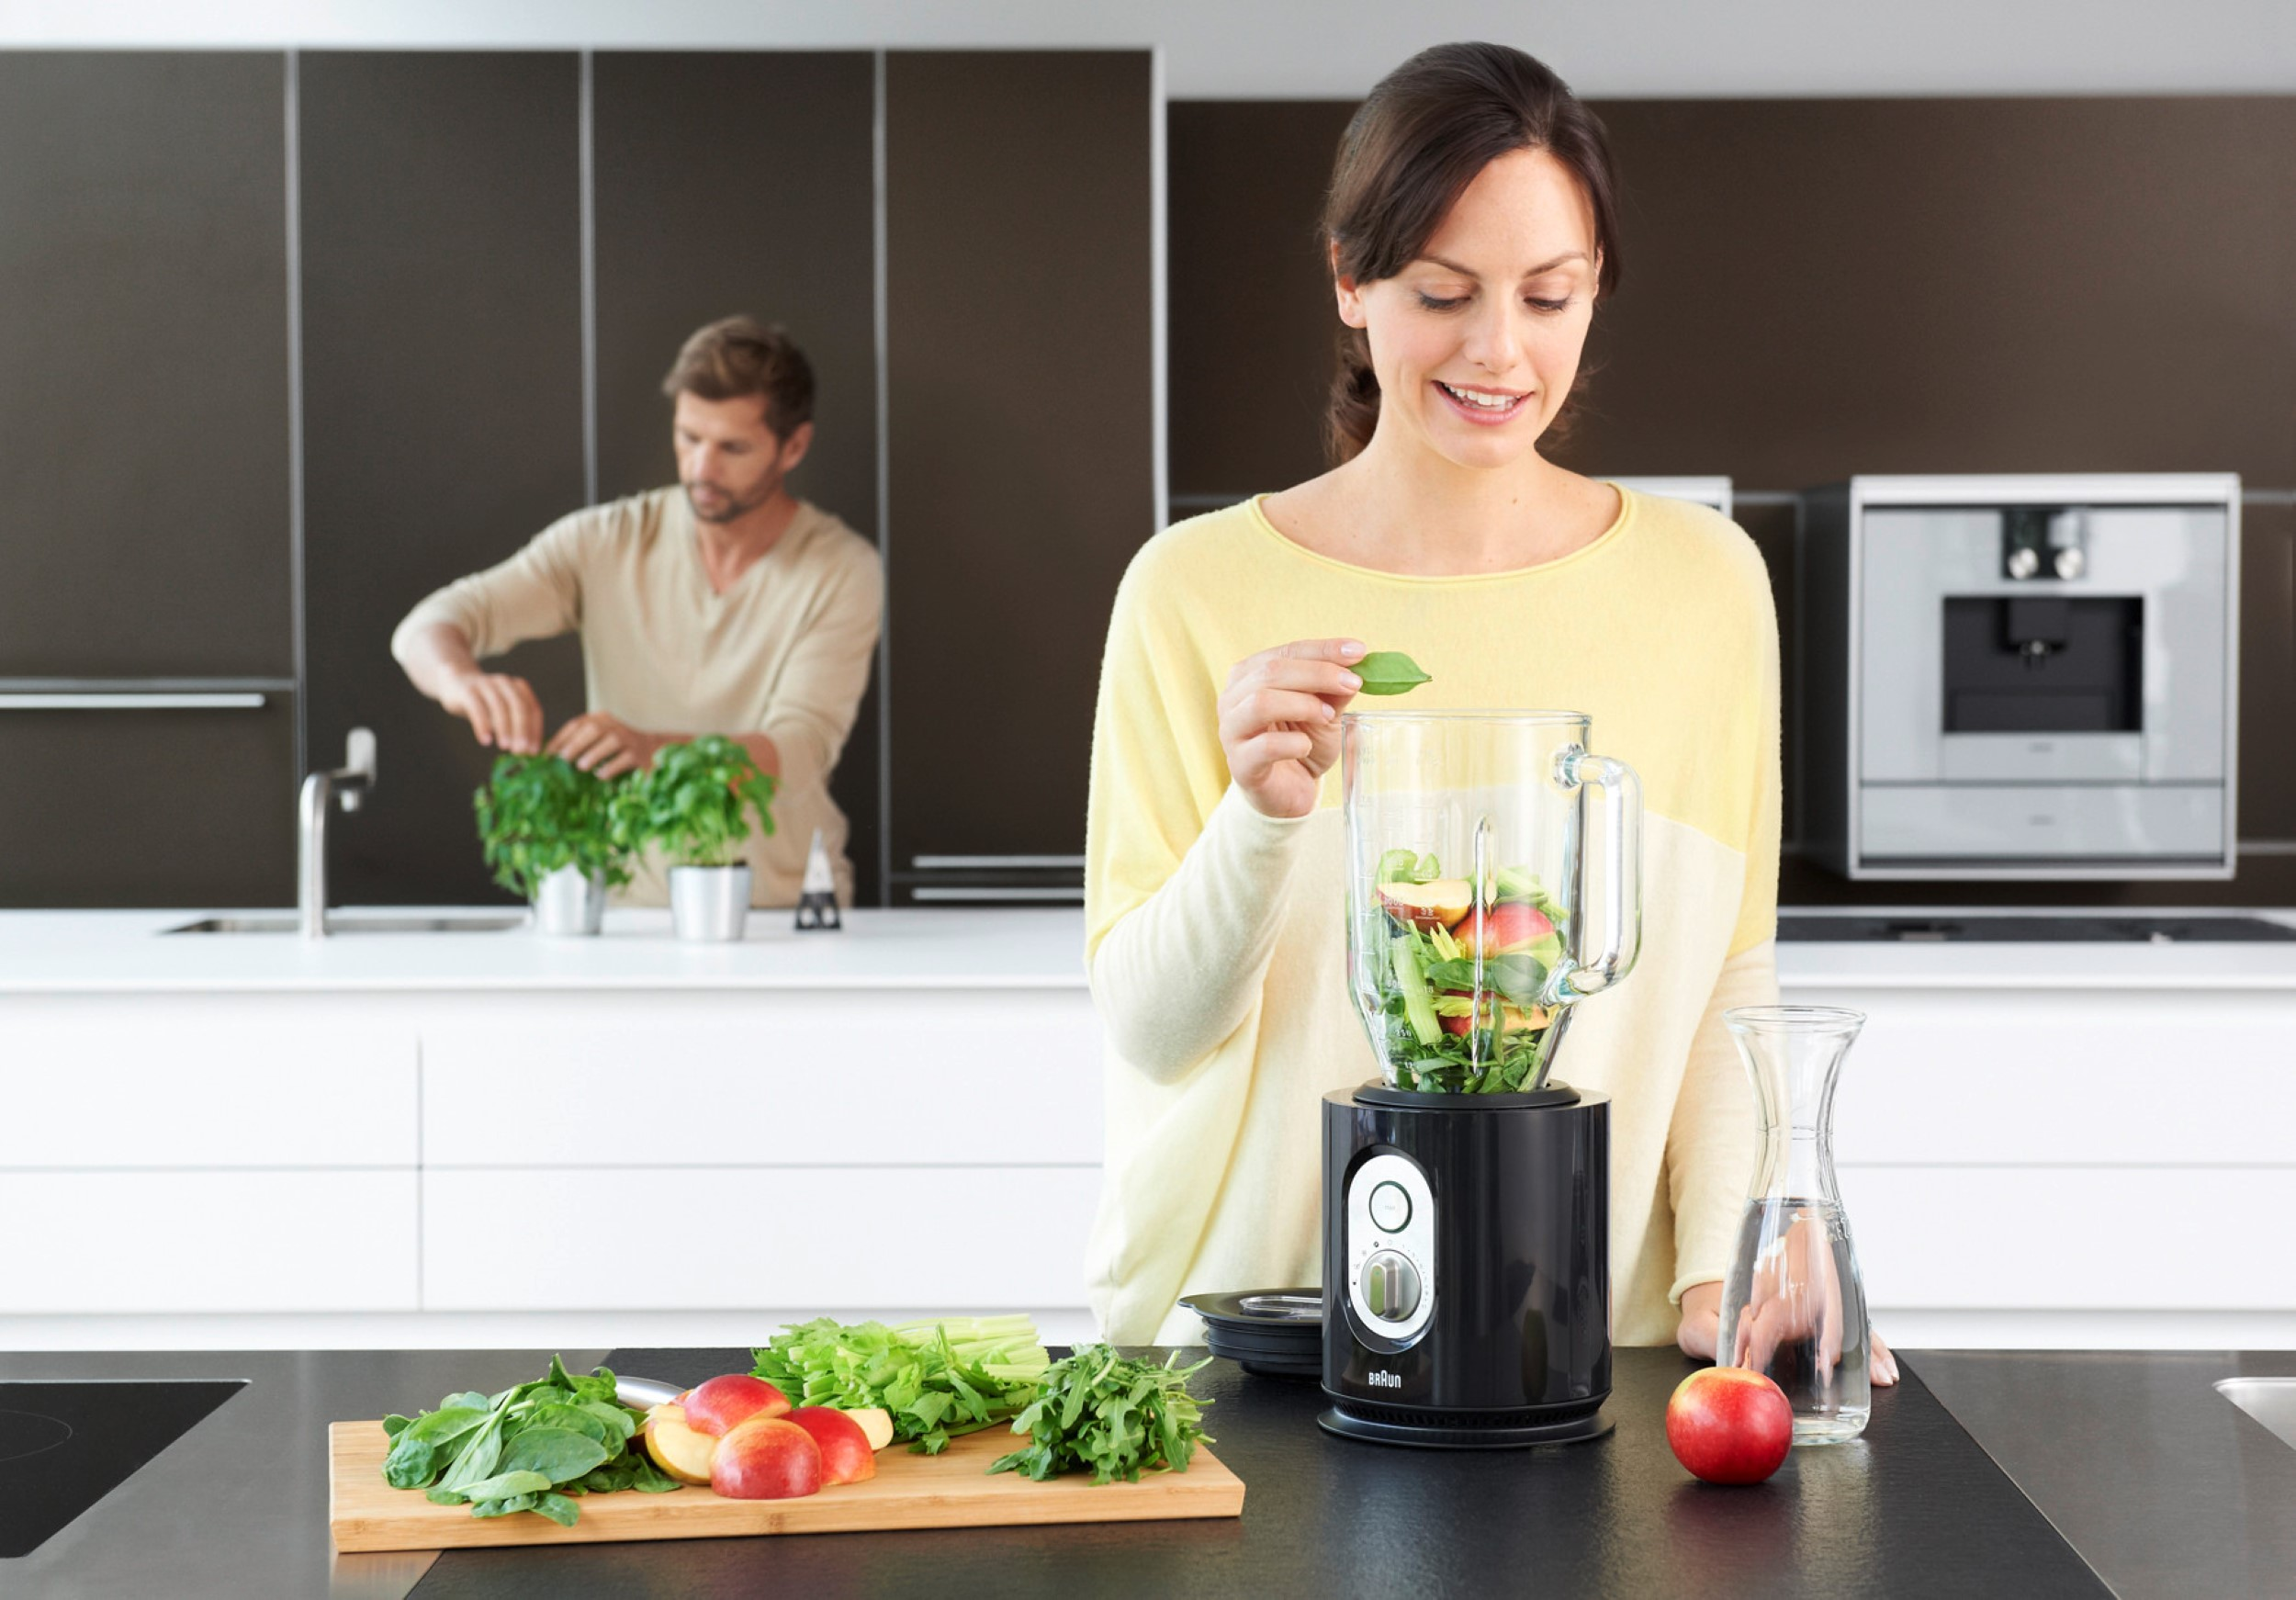 Блендер Braun JB 5160 – новый помощник на кухни